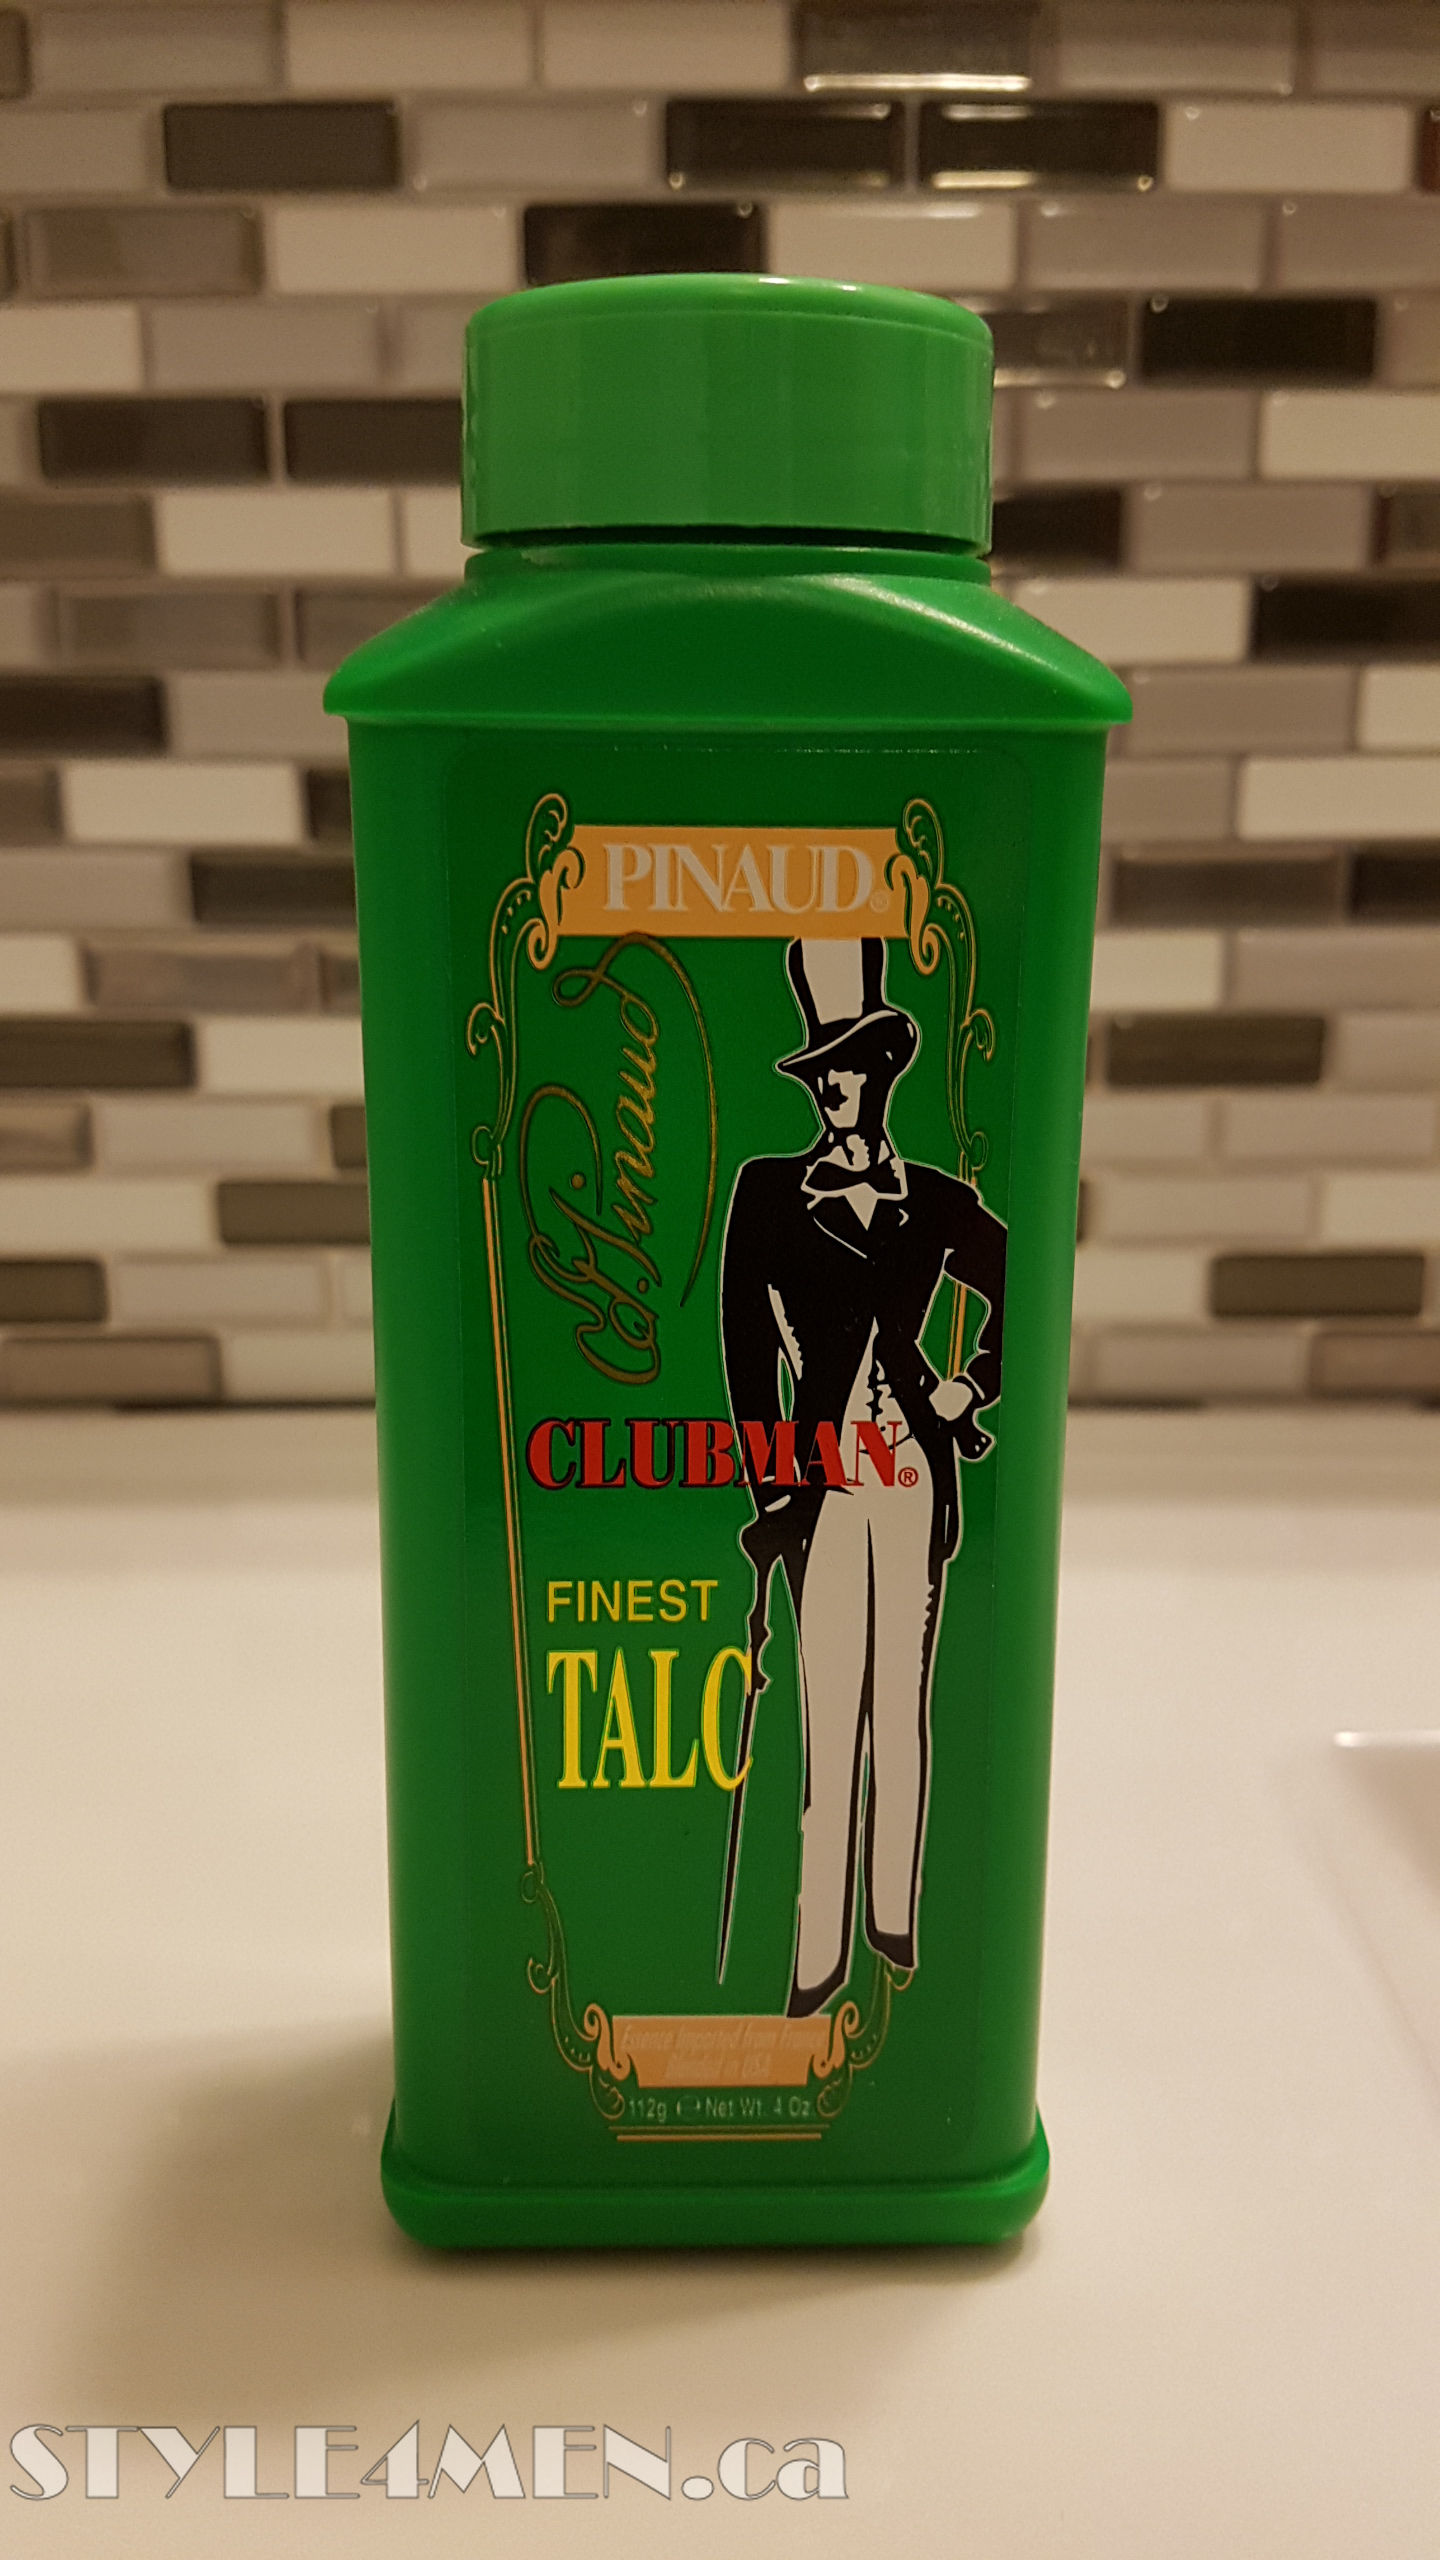 Pinaud-Clubman Talc – Still a great solution